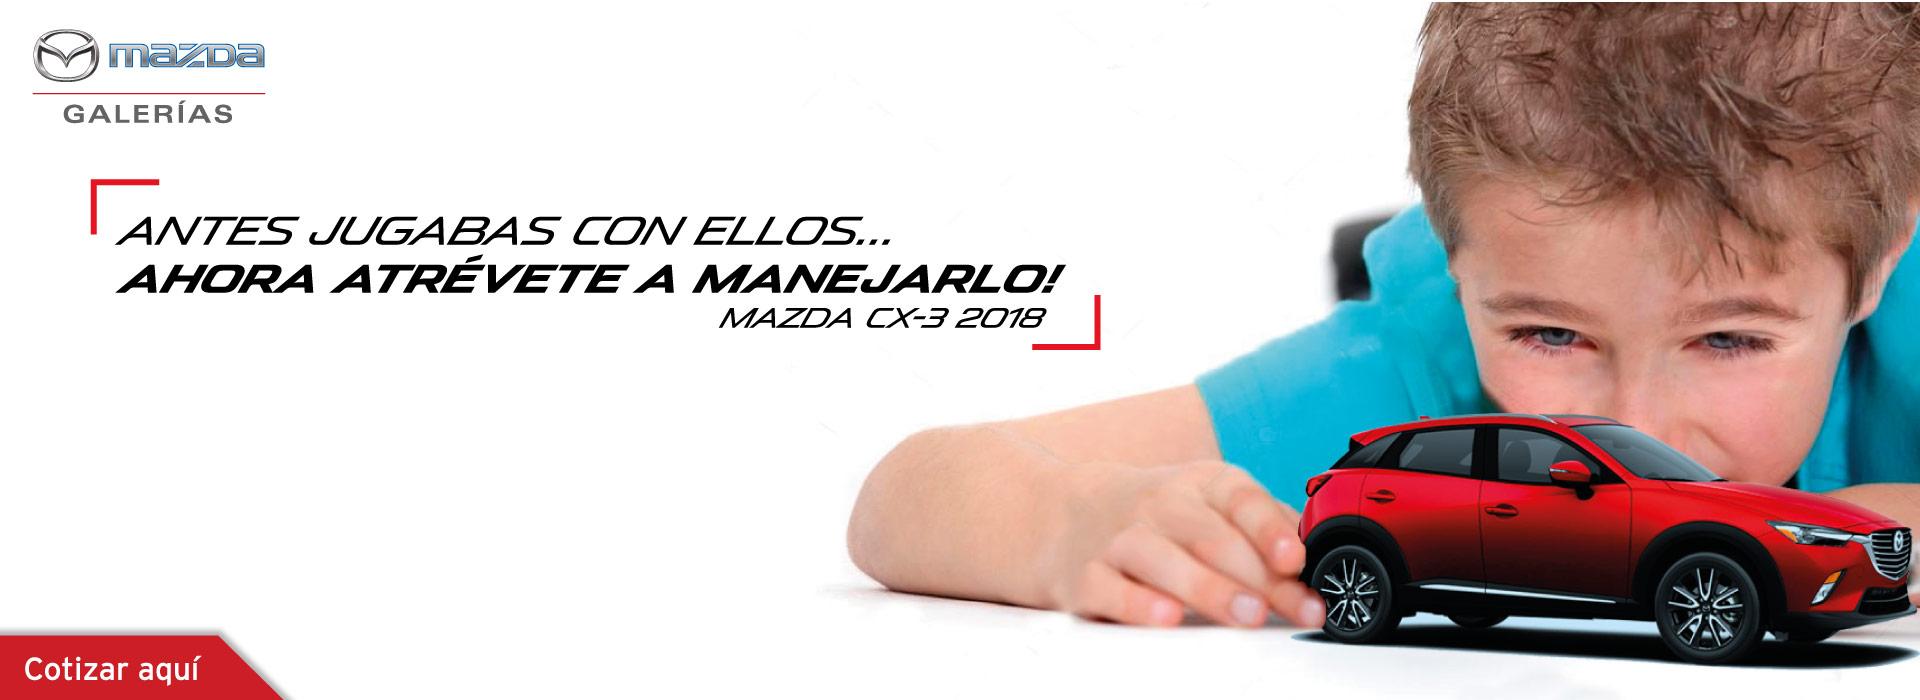 Mazda Galerías | Agencia de autos | Zapopan | Guadalajara | Jalisco